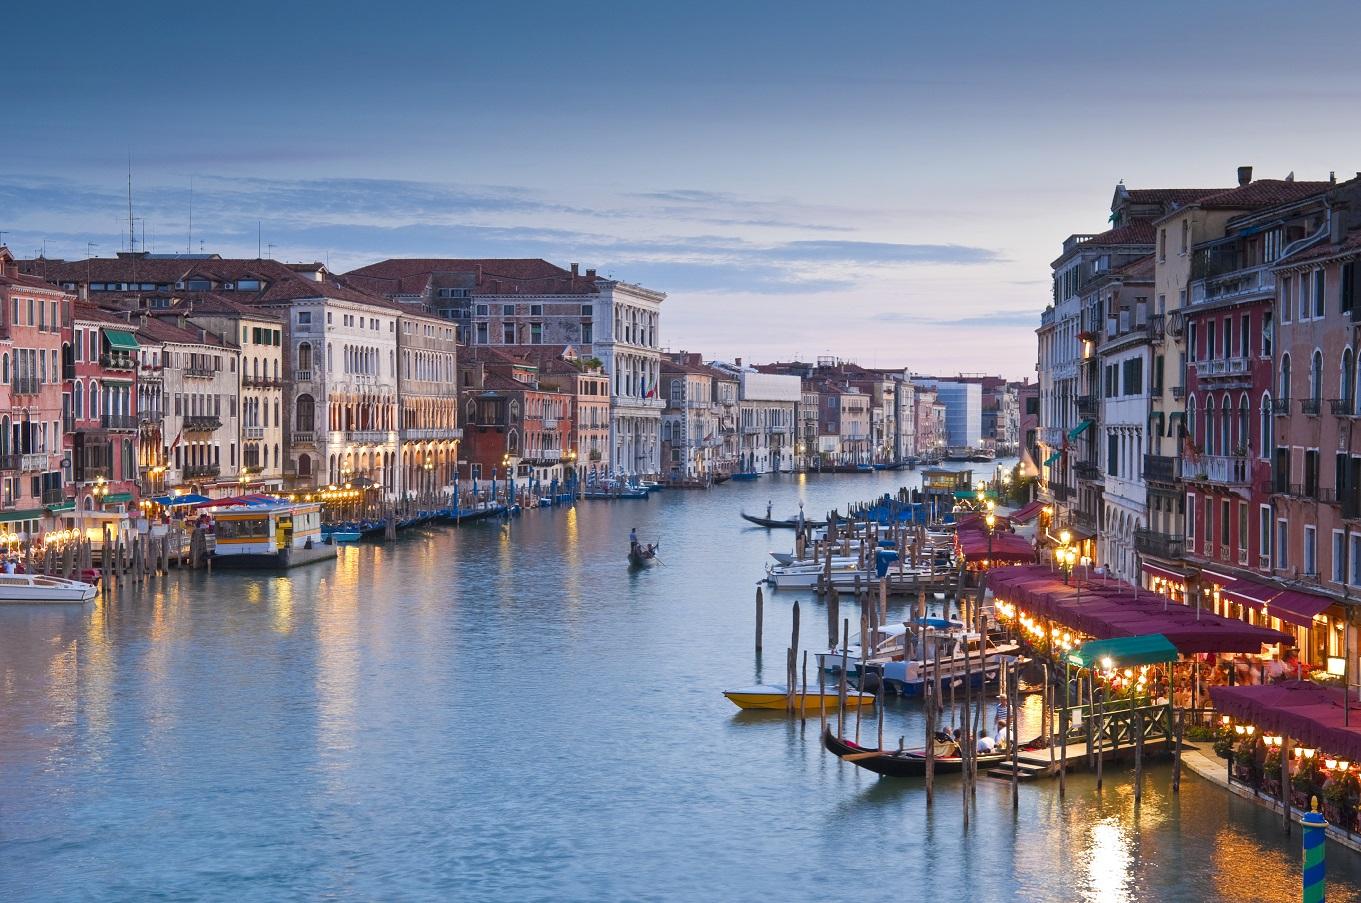 Venice Waterways shot